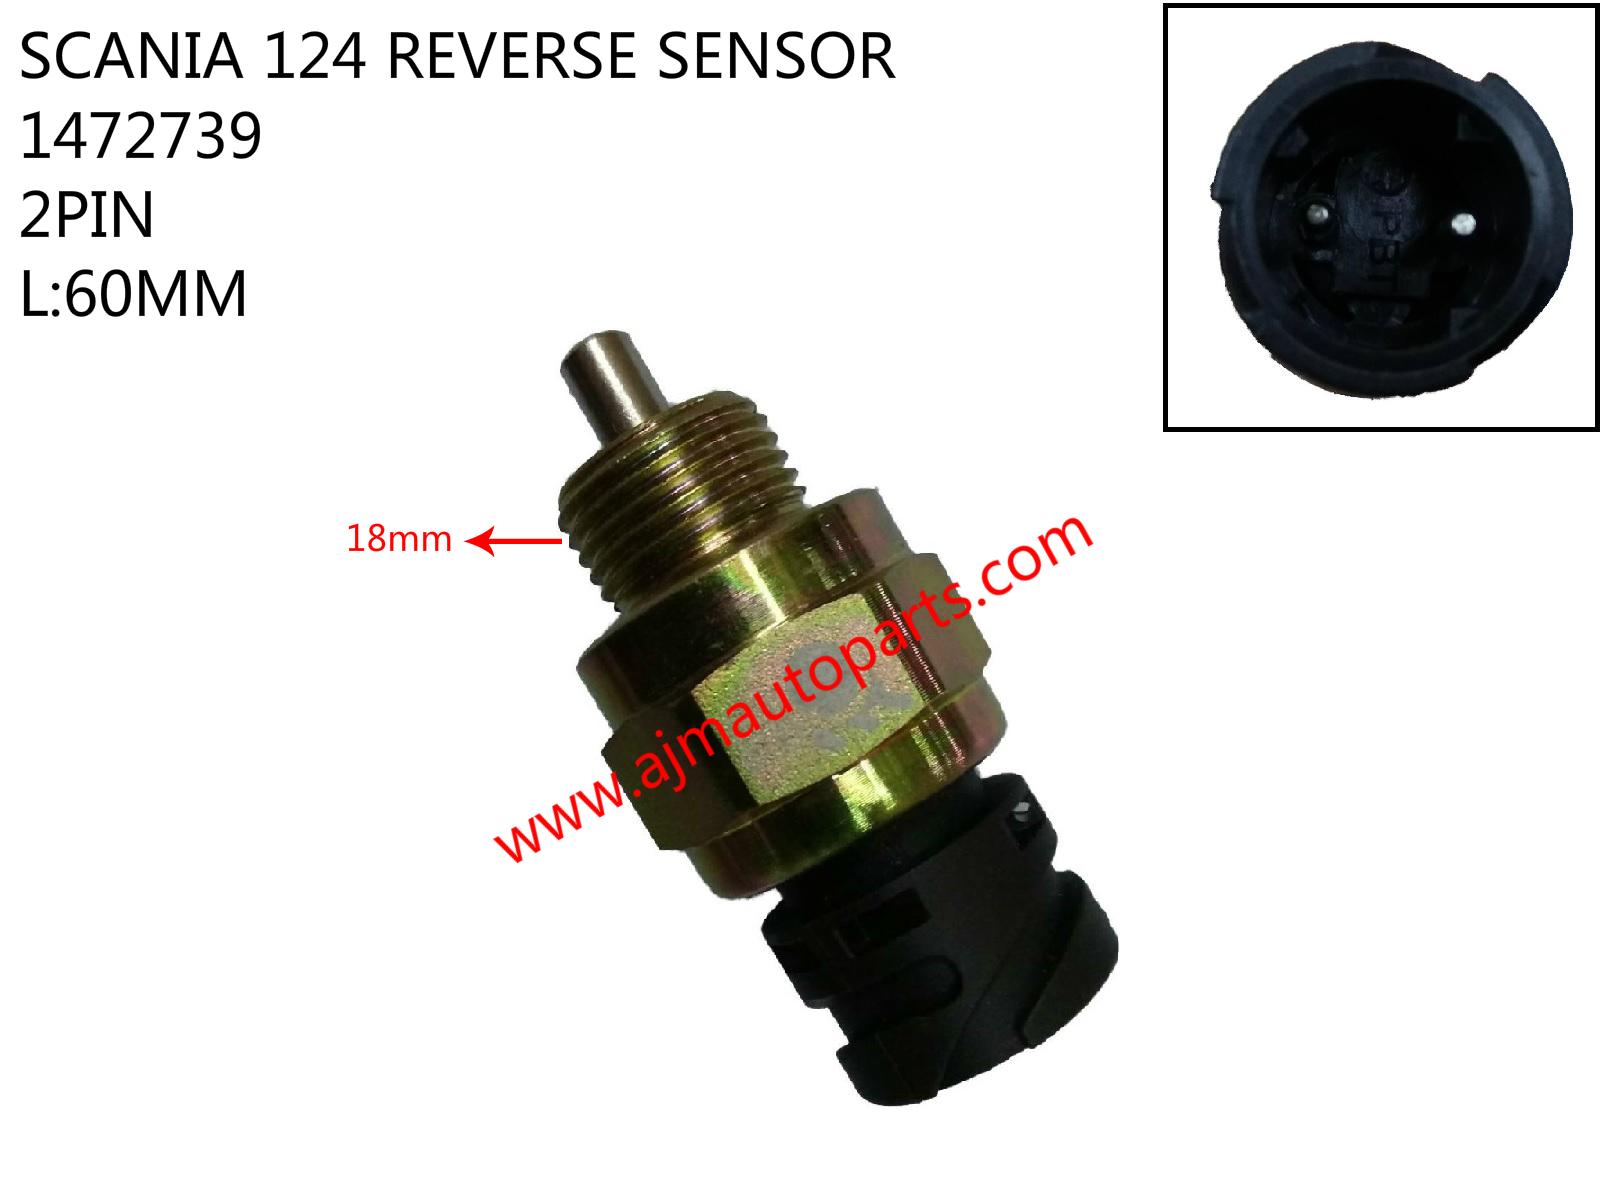 SCANIA 124 REVERSE SENSOR-1472739